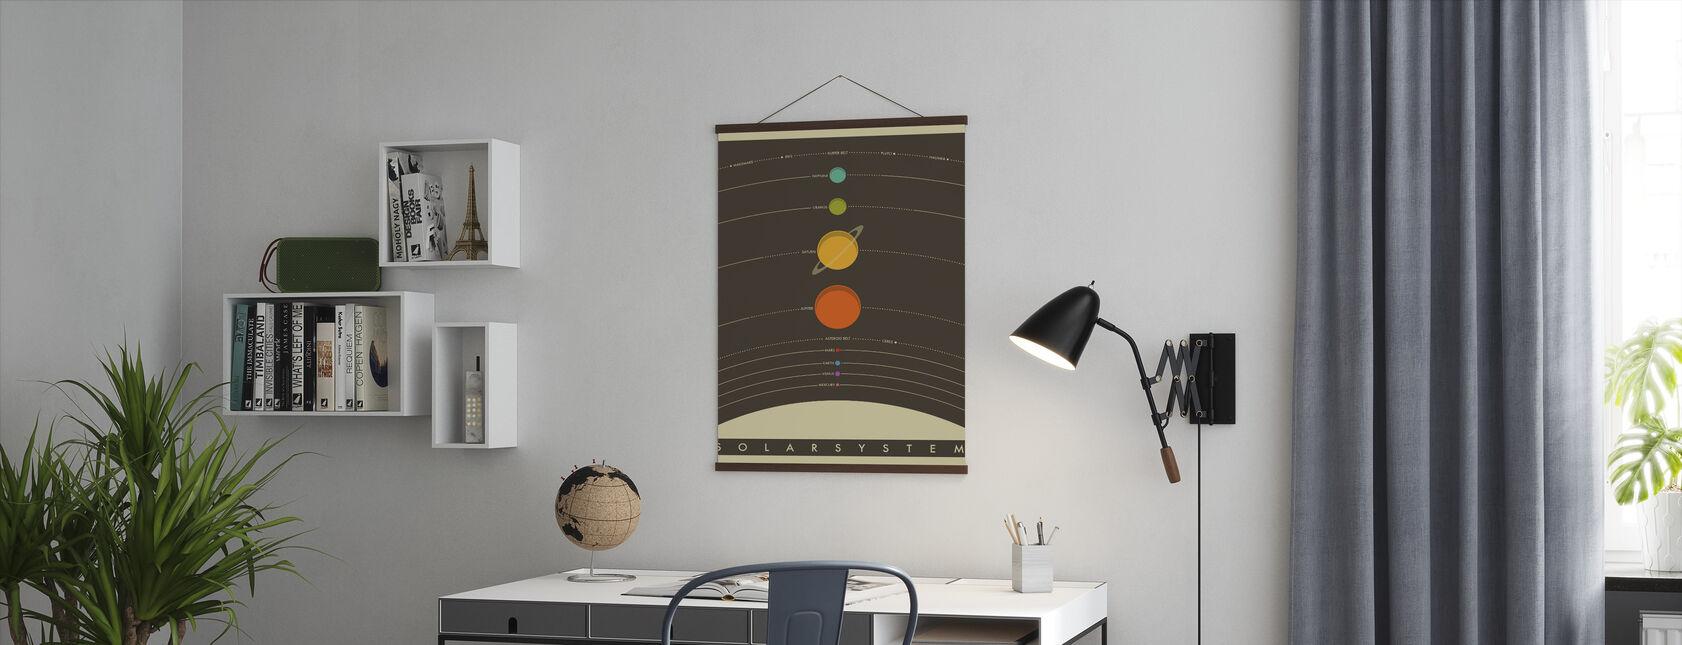 Solsystem - Brun - Plakat - Kontor